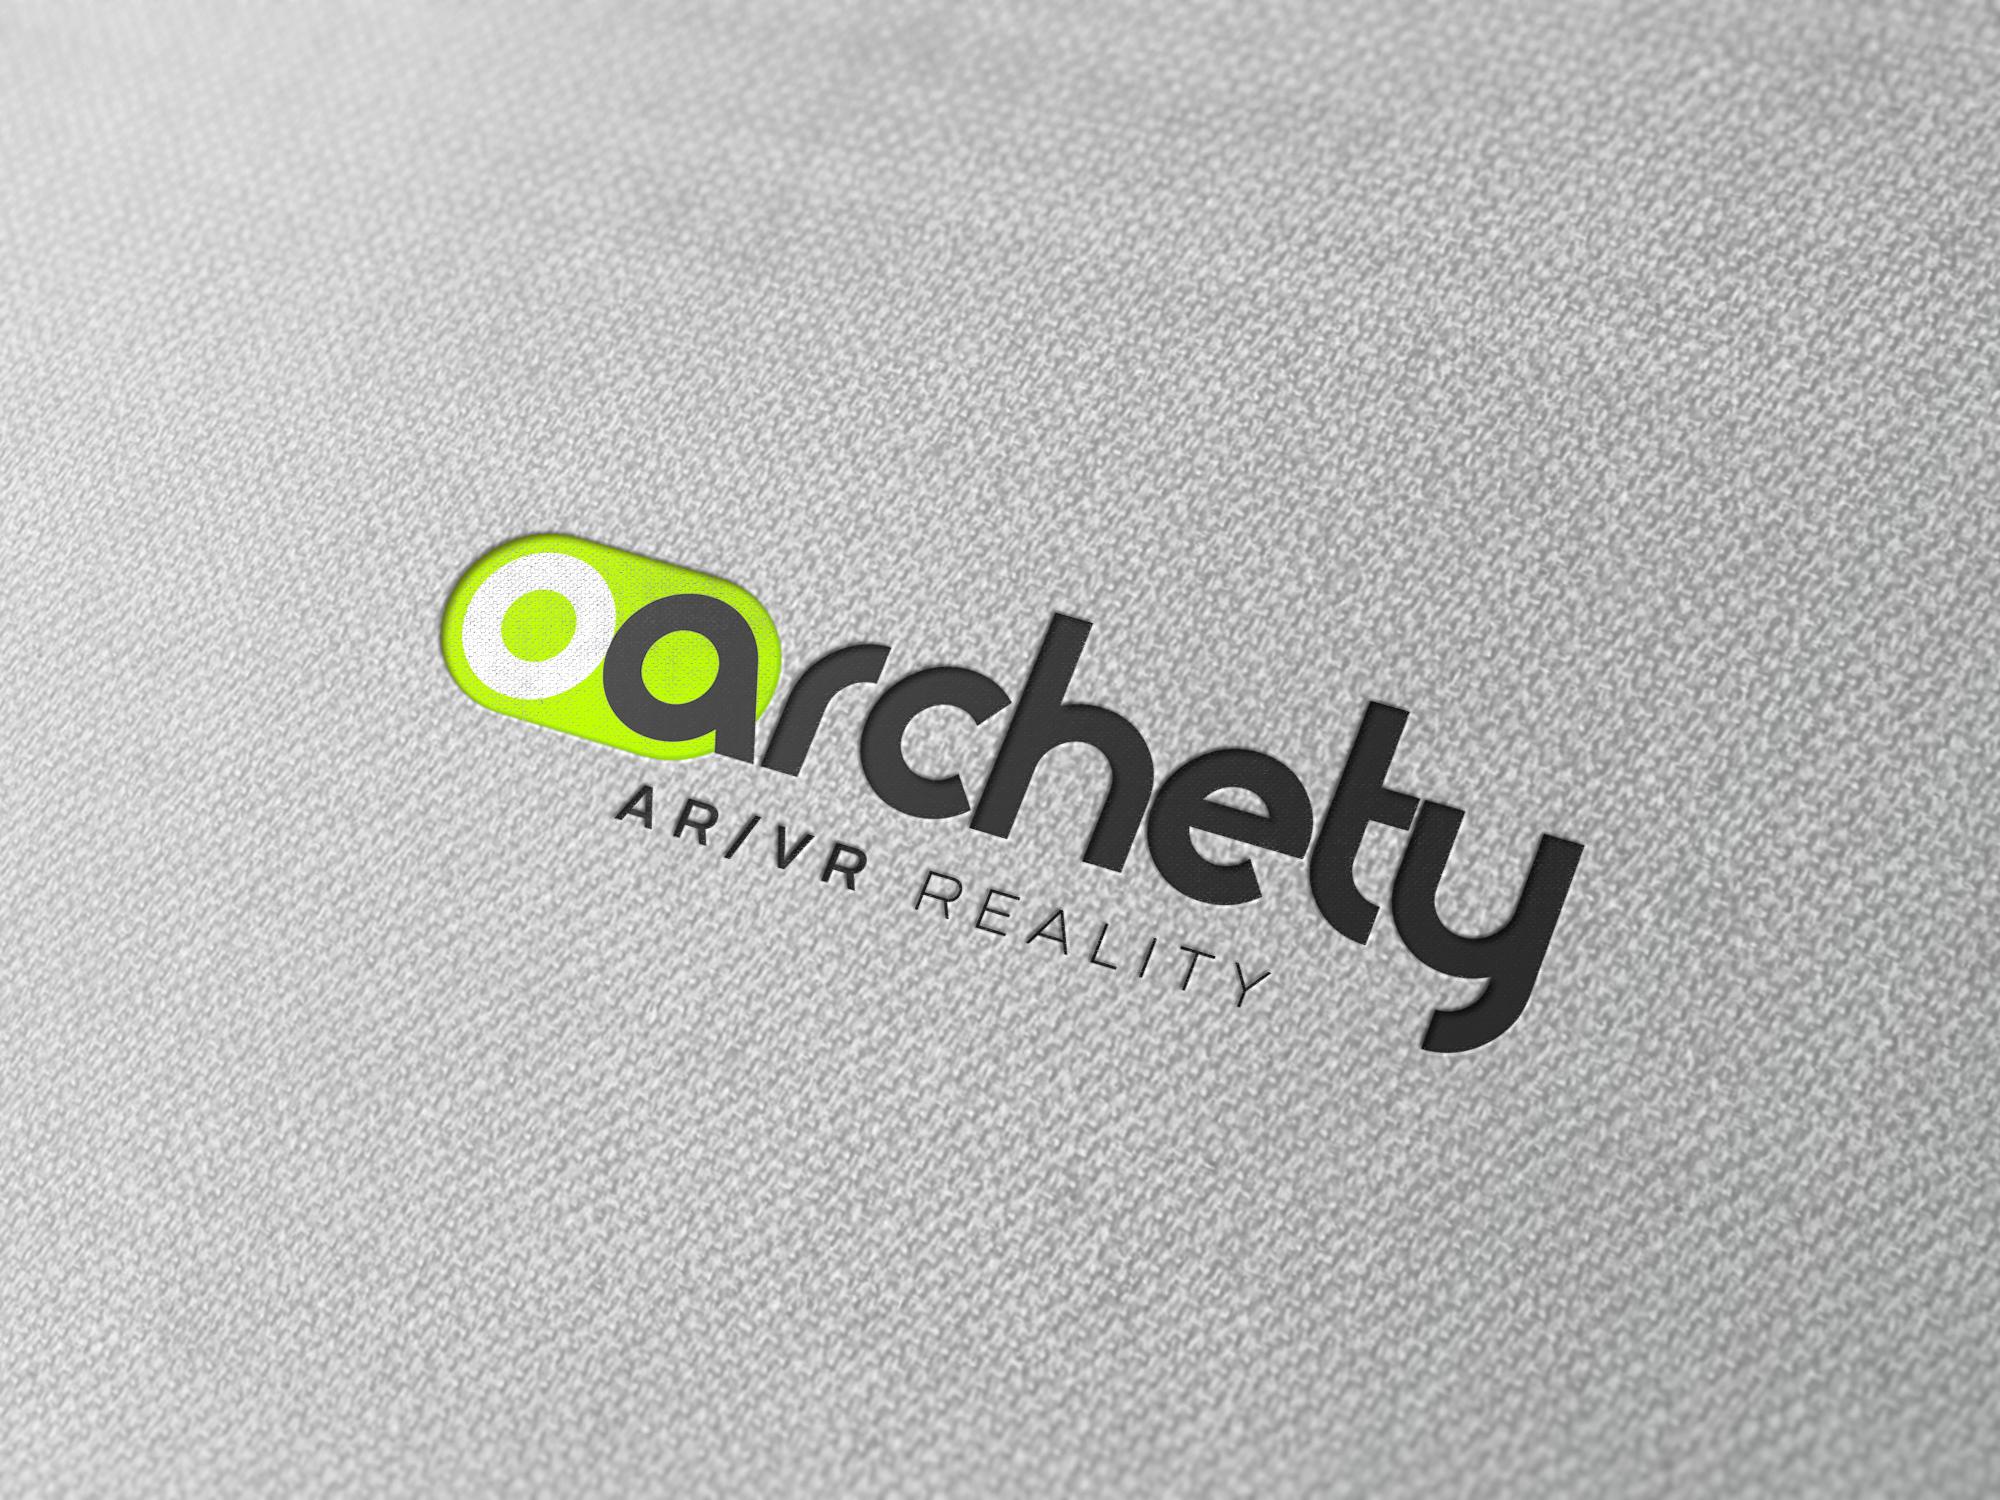 Archety – ar/vr reality